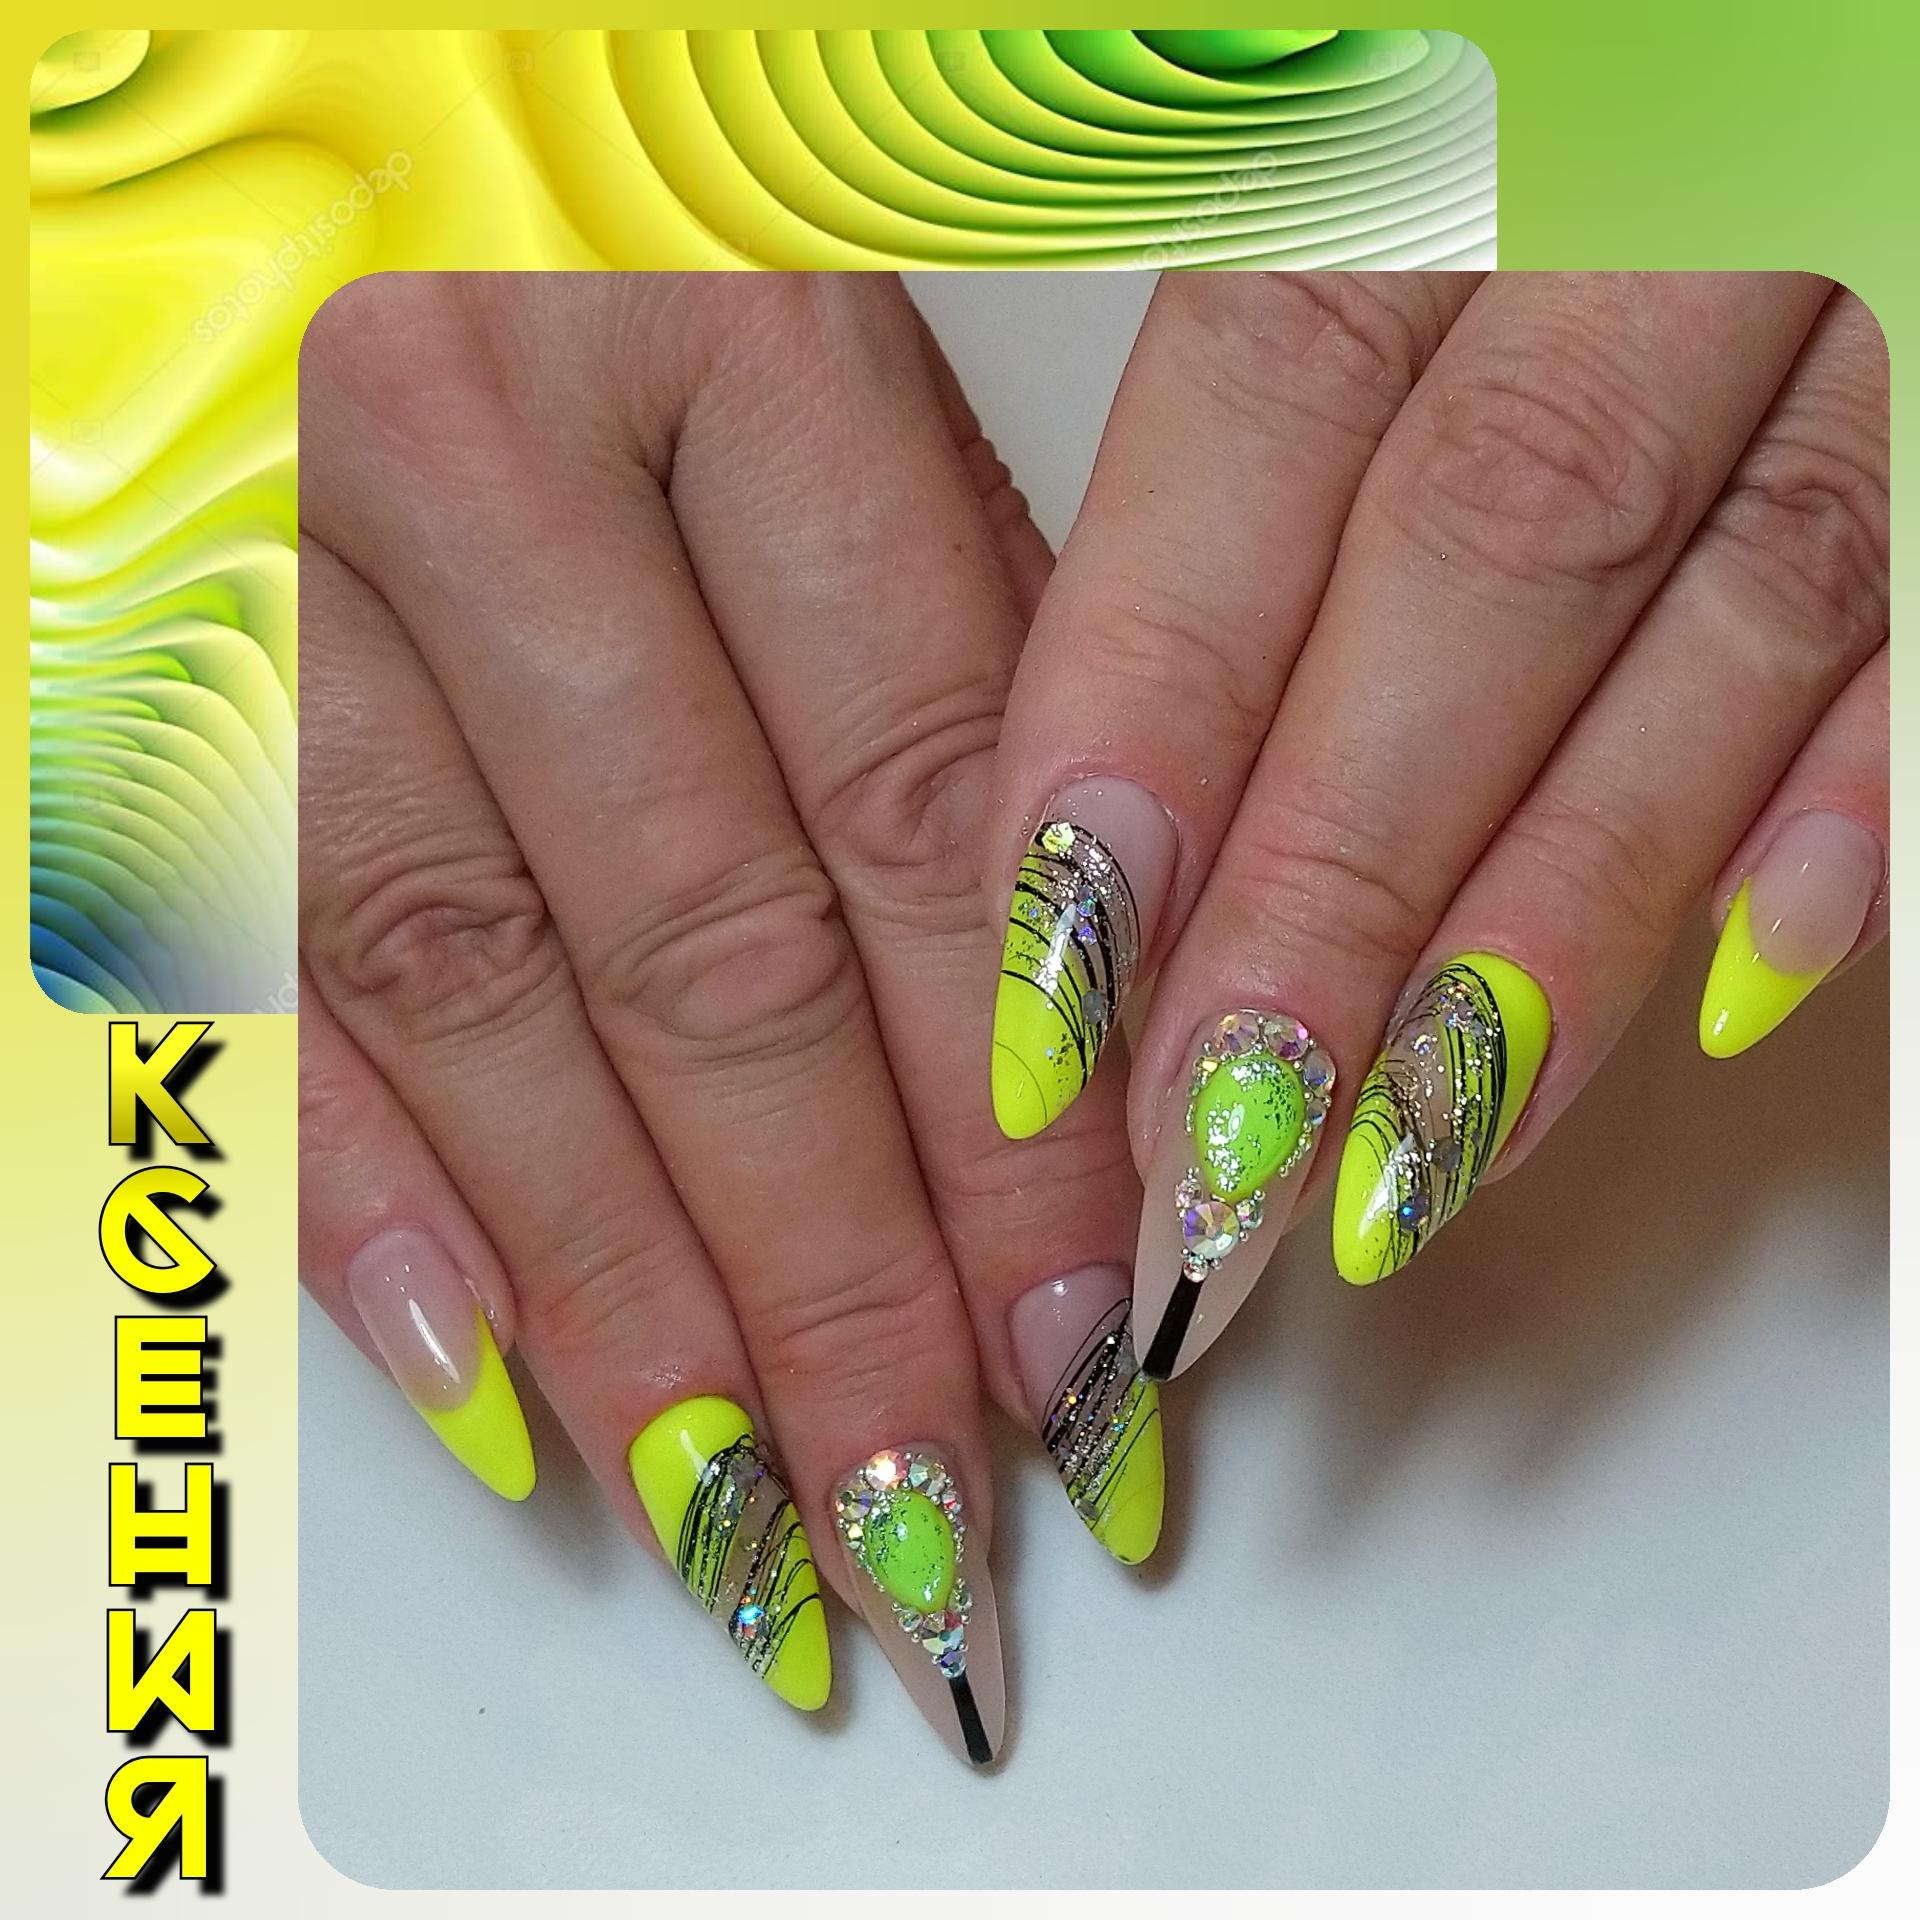 Маникюр с френч-дизайном, паутинкой, блестками и стразами в желтом цвете на длинные ногти.